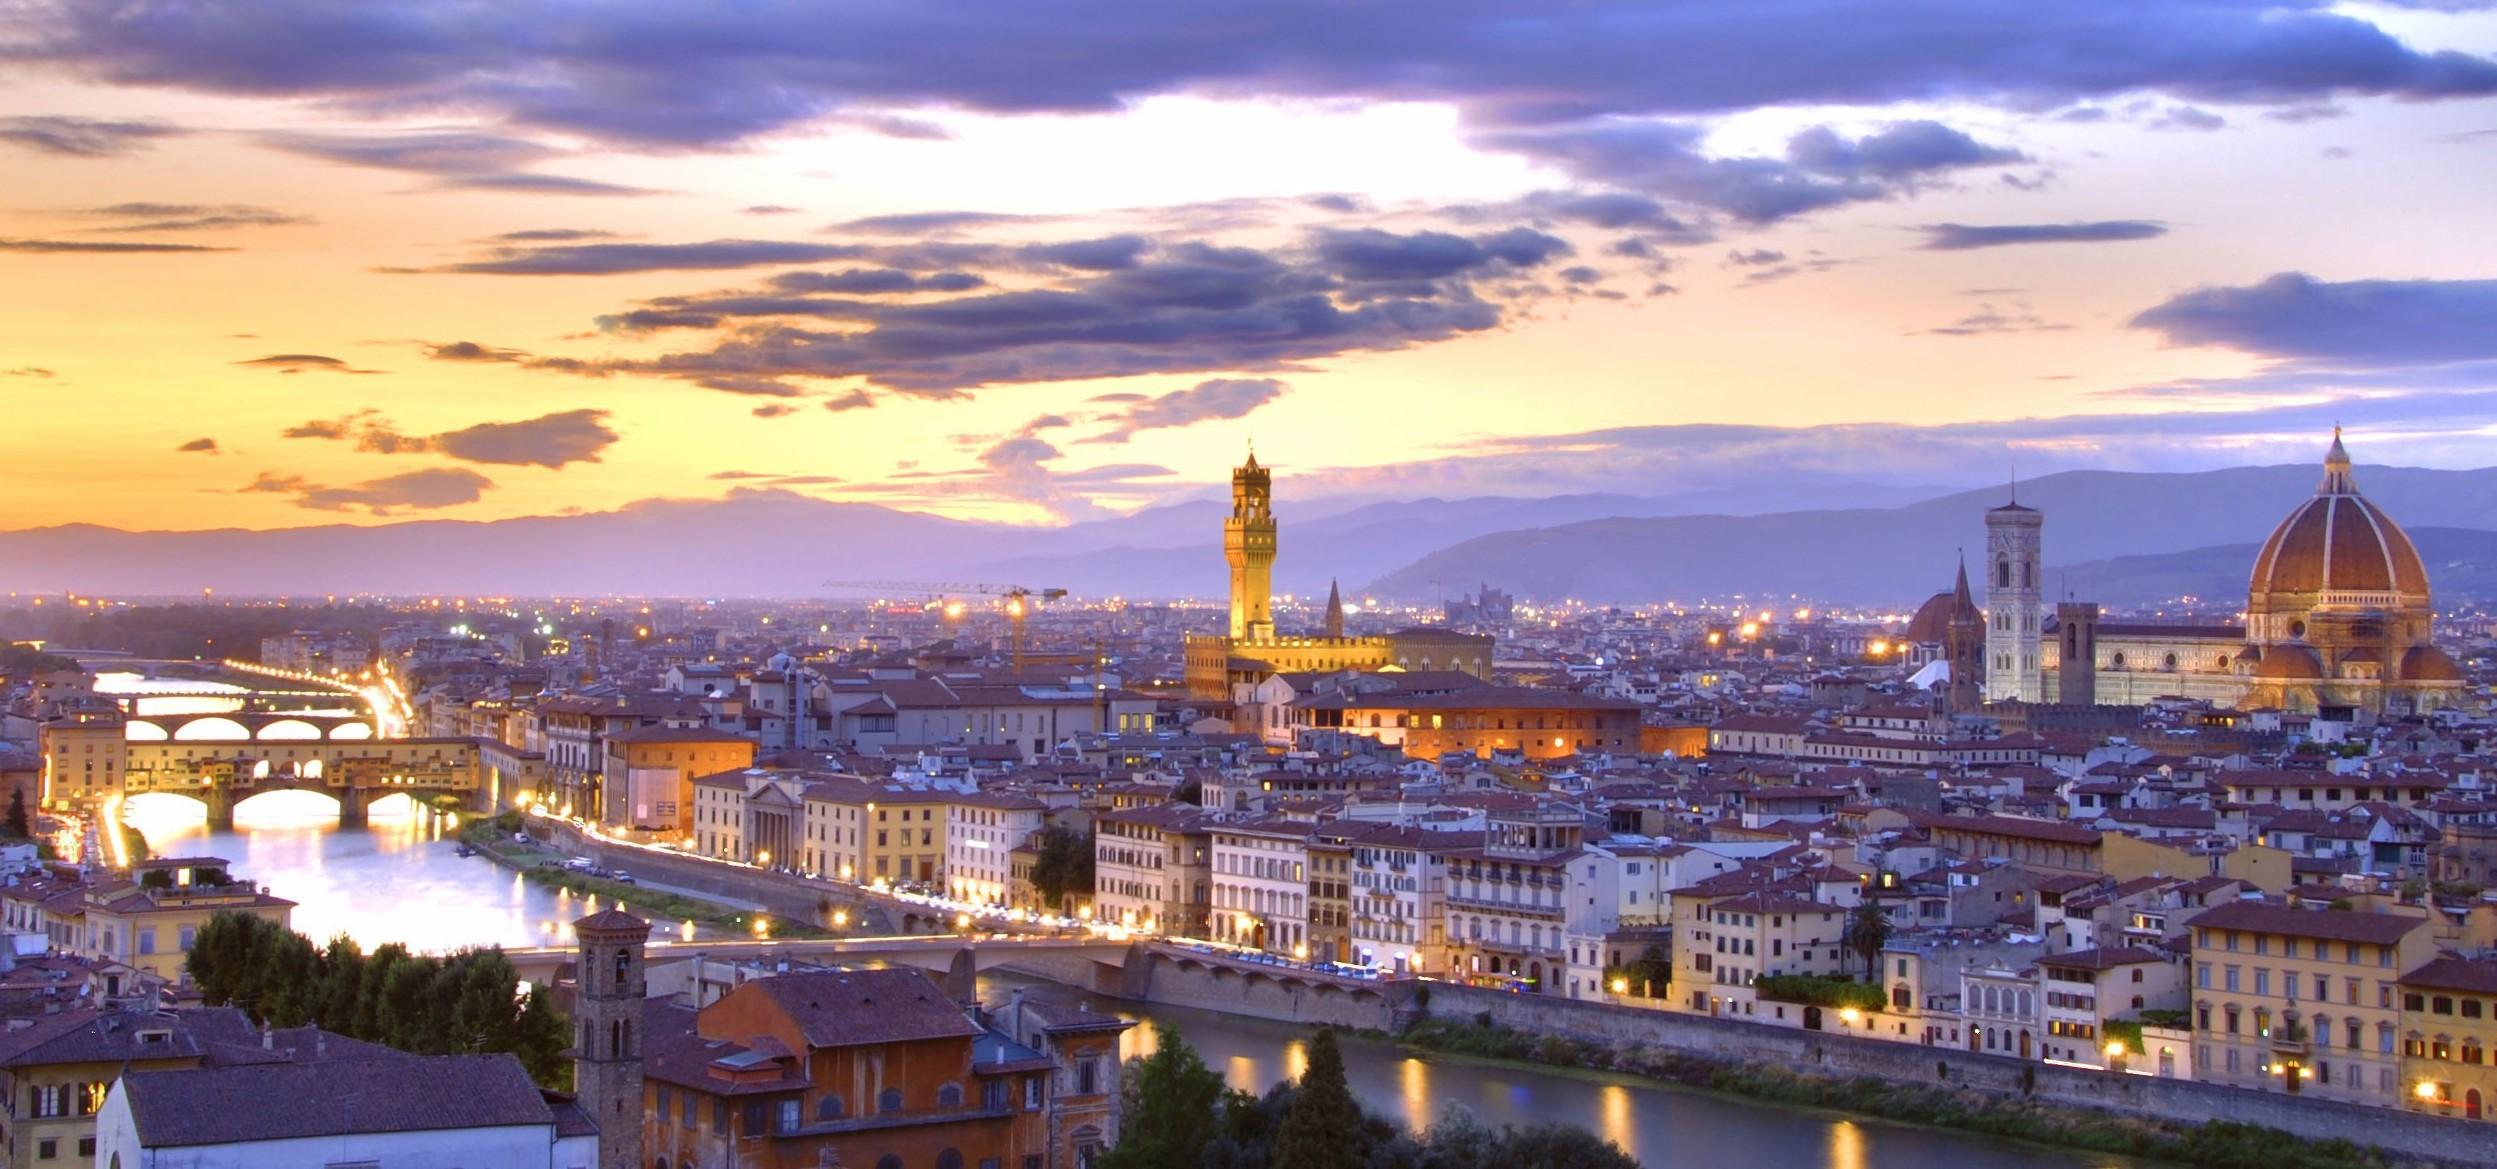 Veduta panoramica di Firenze